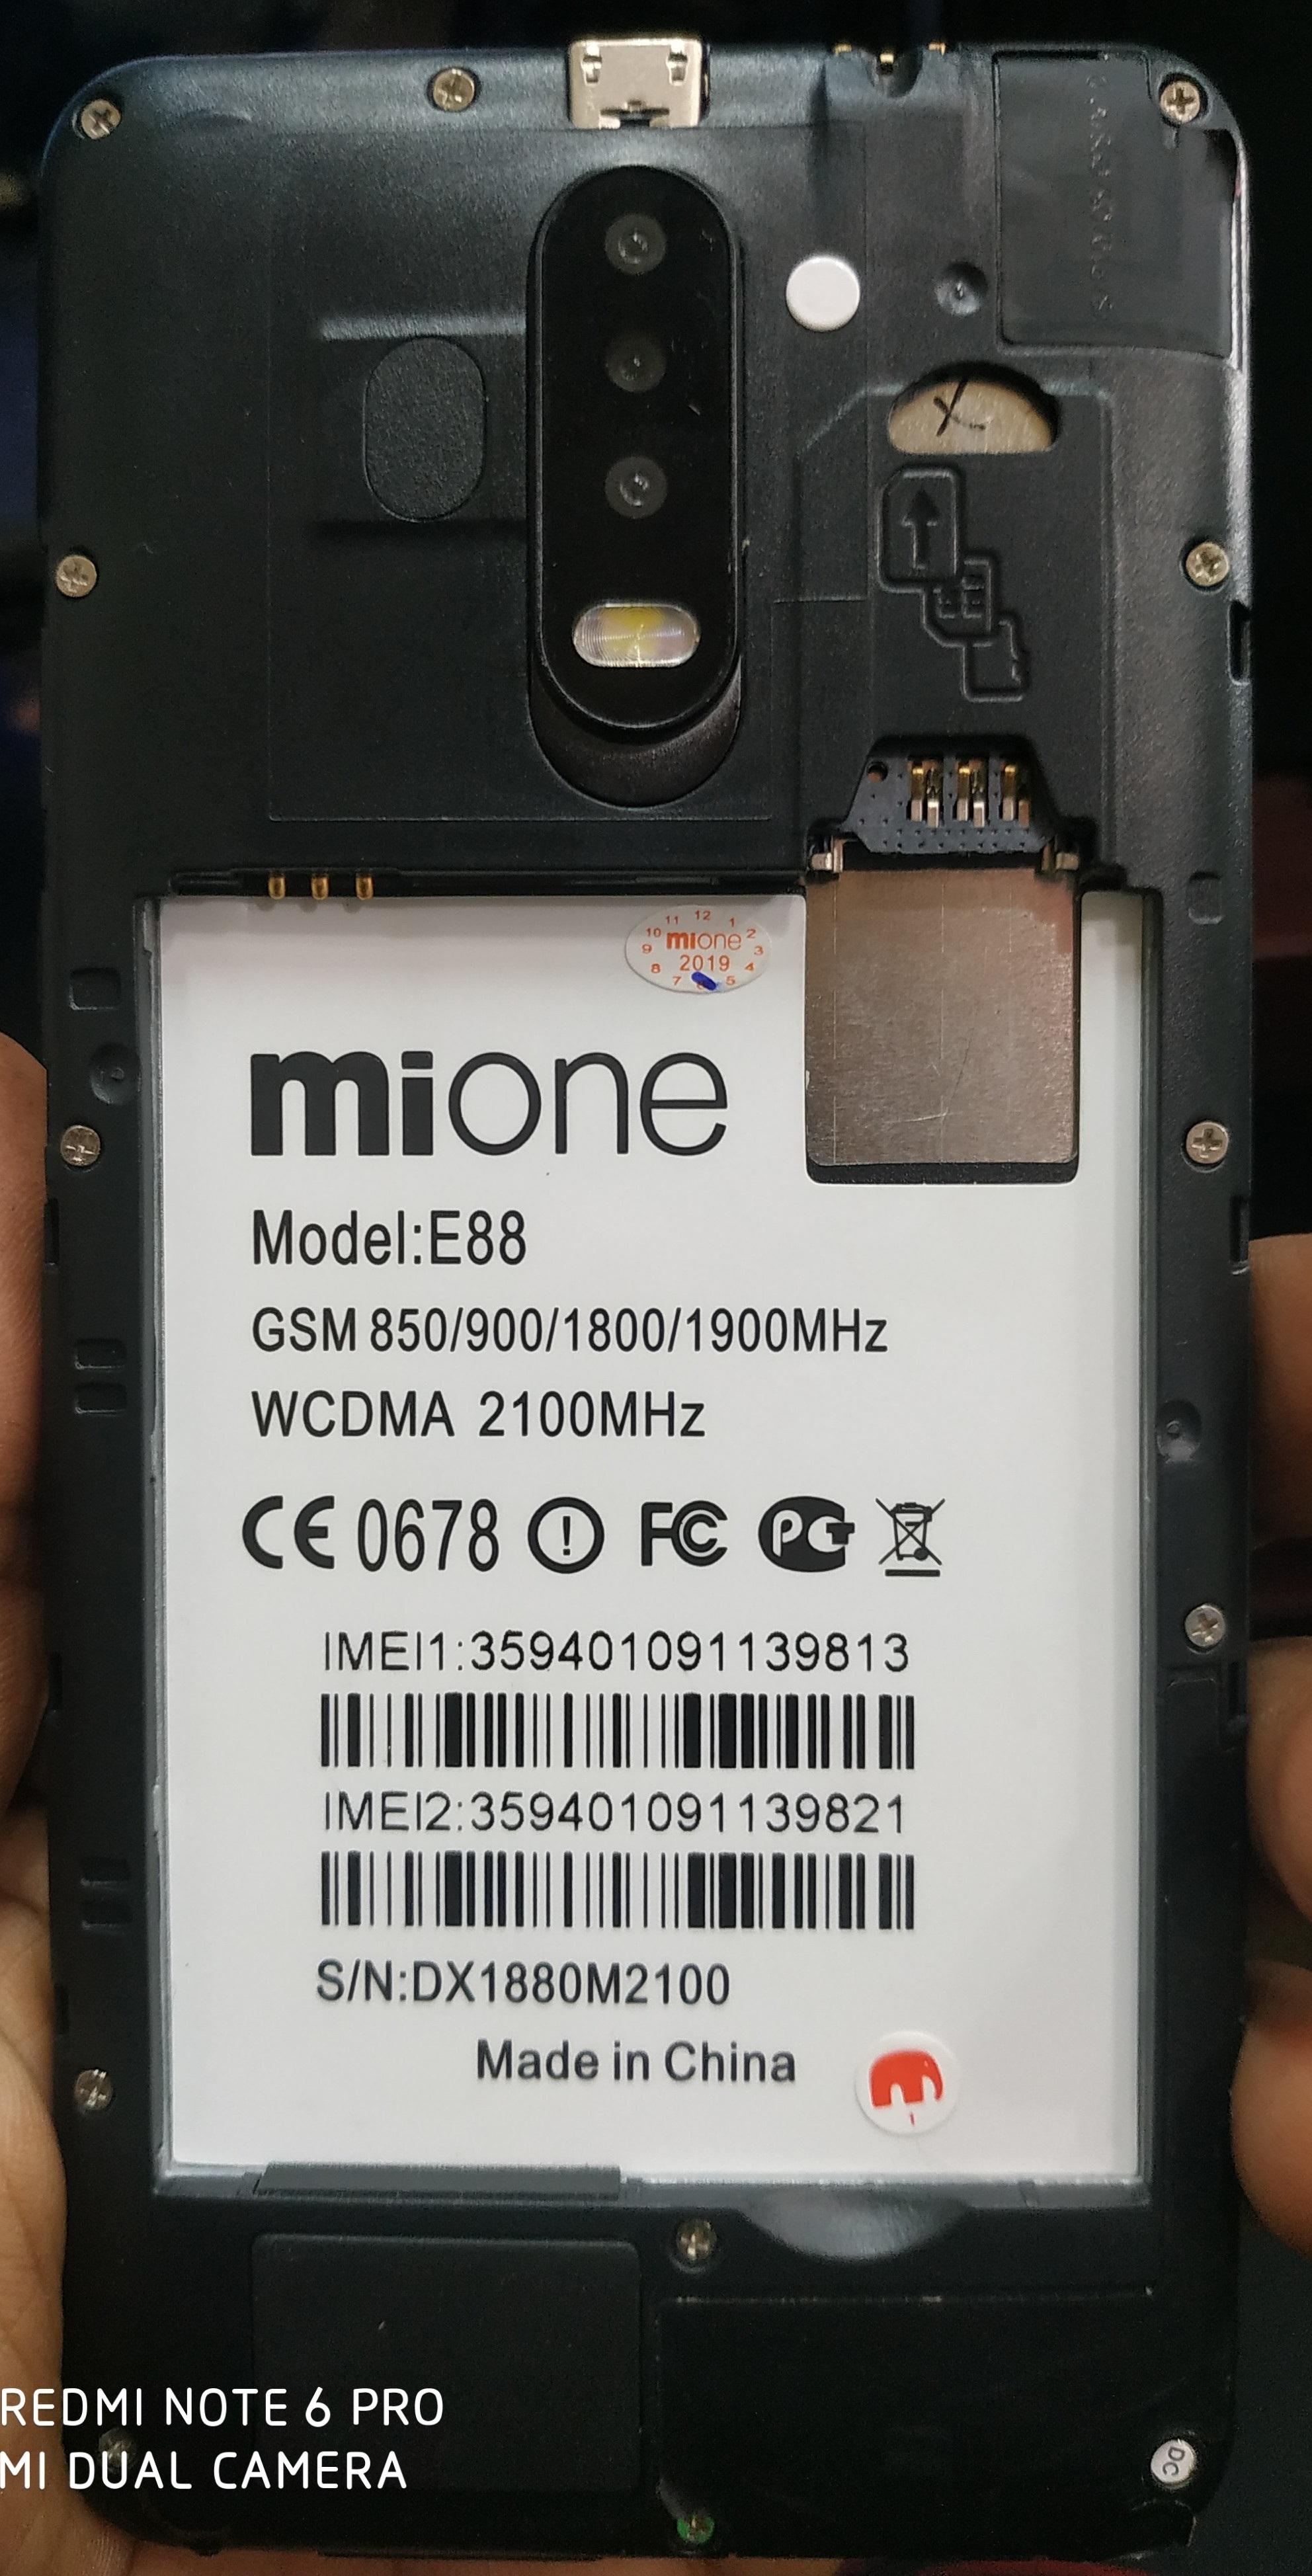 Mione E88 Firmware